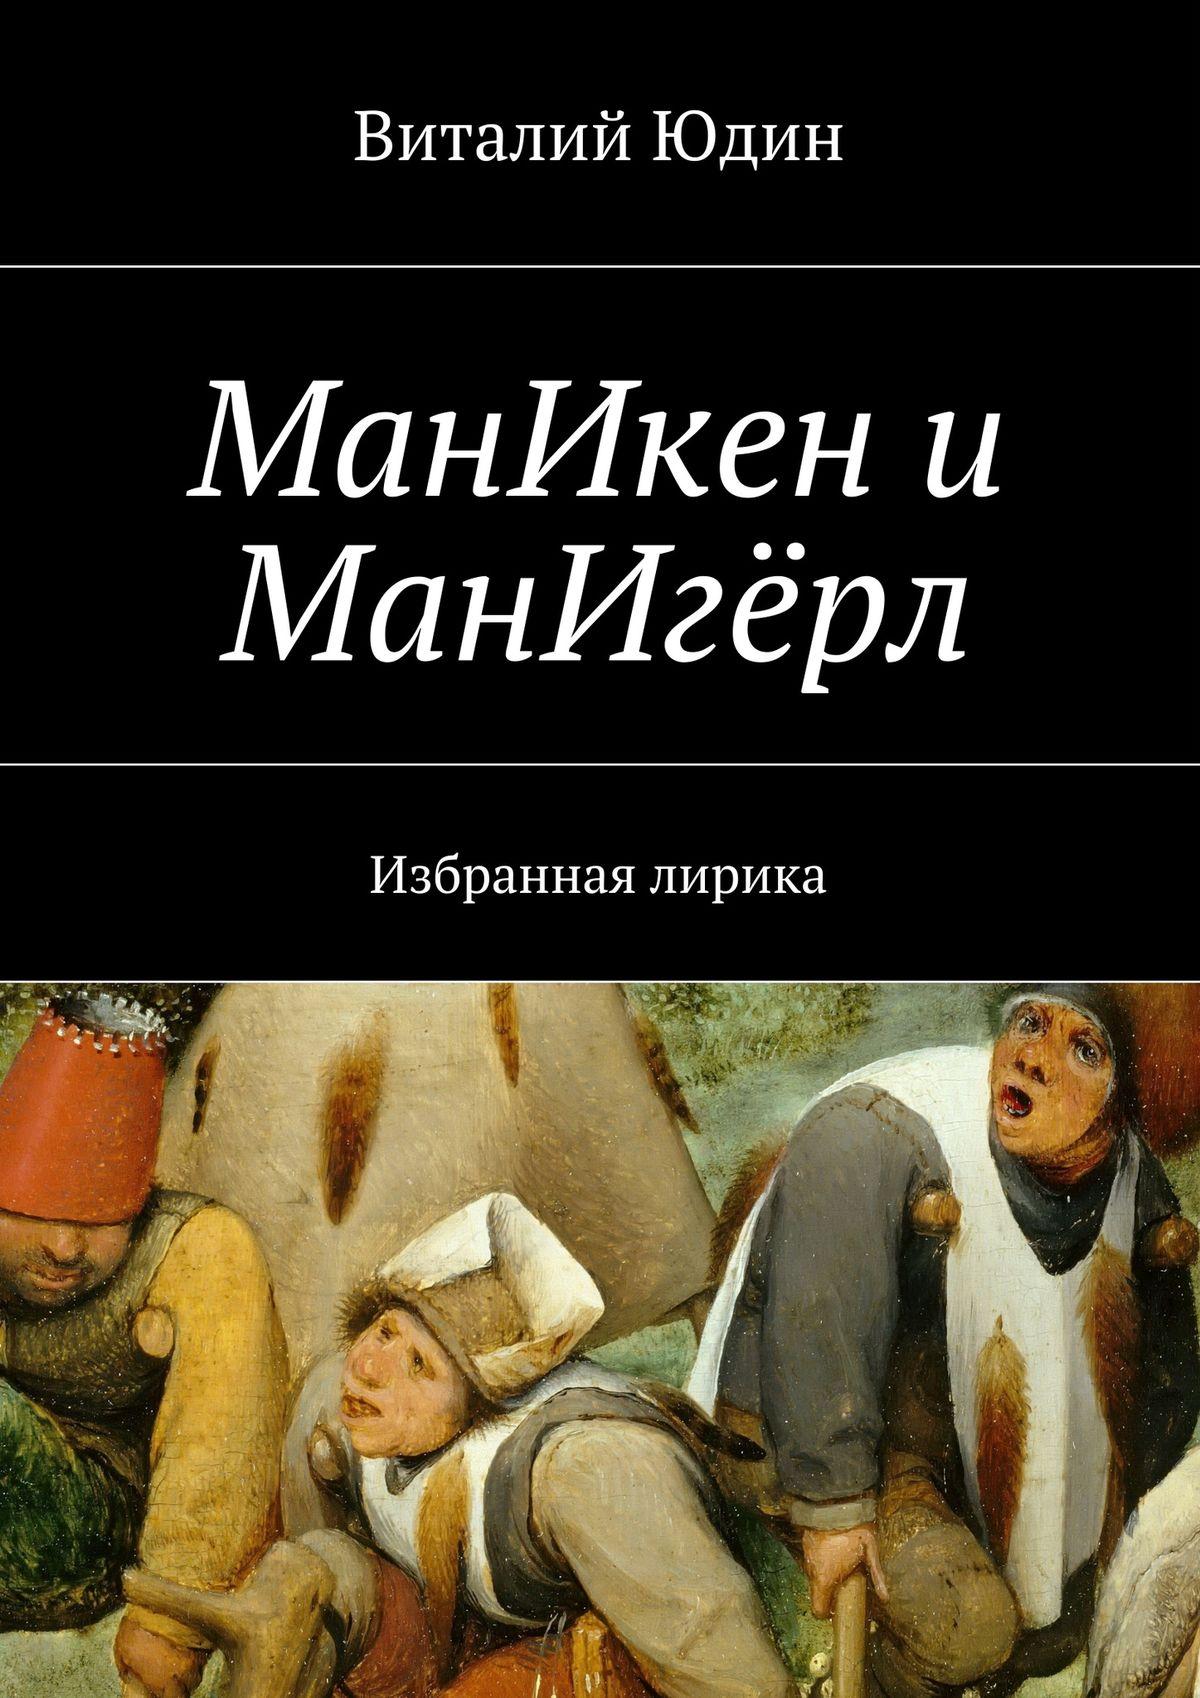 Виталий Юдин МанИкен и МанИгёрл. Избранная лирика виталий юдин импульс любви избранная любовная лирика